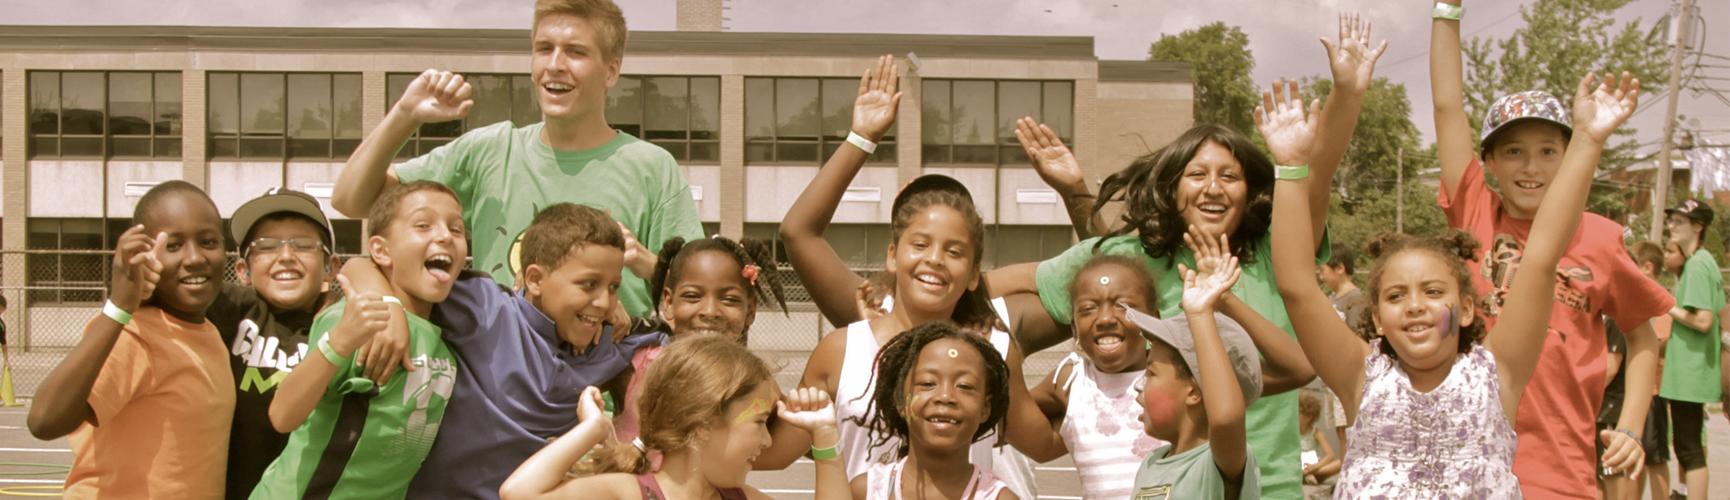 Outils de Paix agit auprès de 112 453 enfants, 45 507 adolescent-es, 7 685 jeunes et 22 888 adultes!